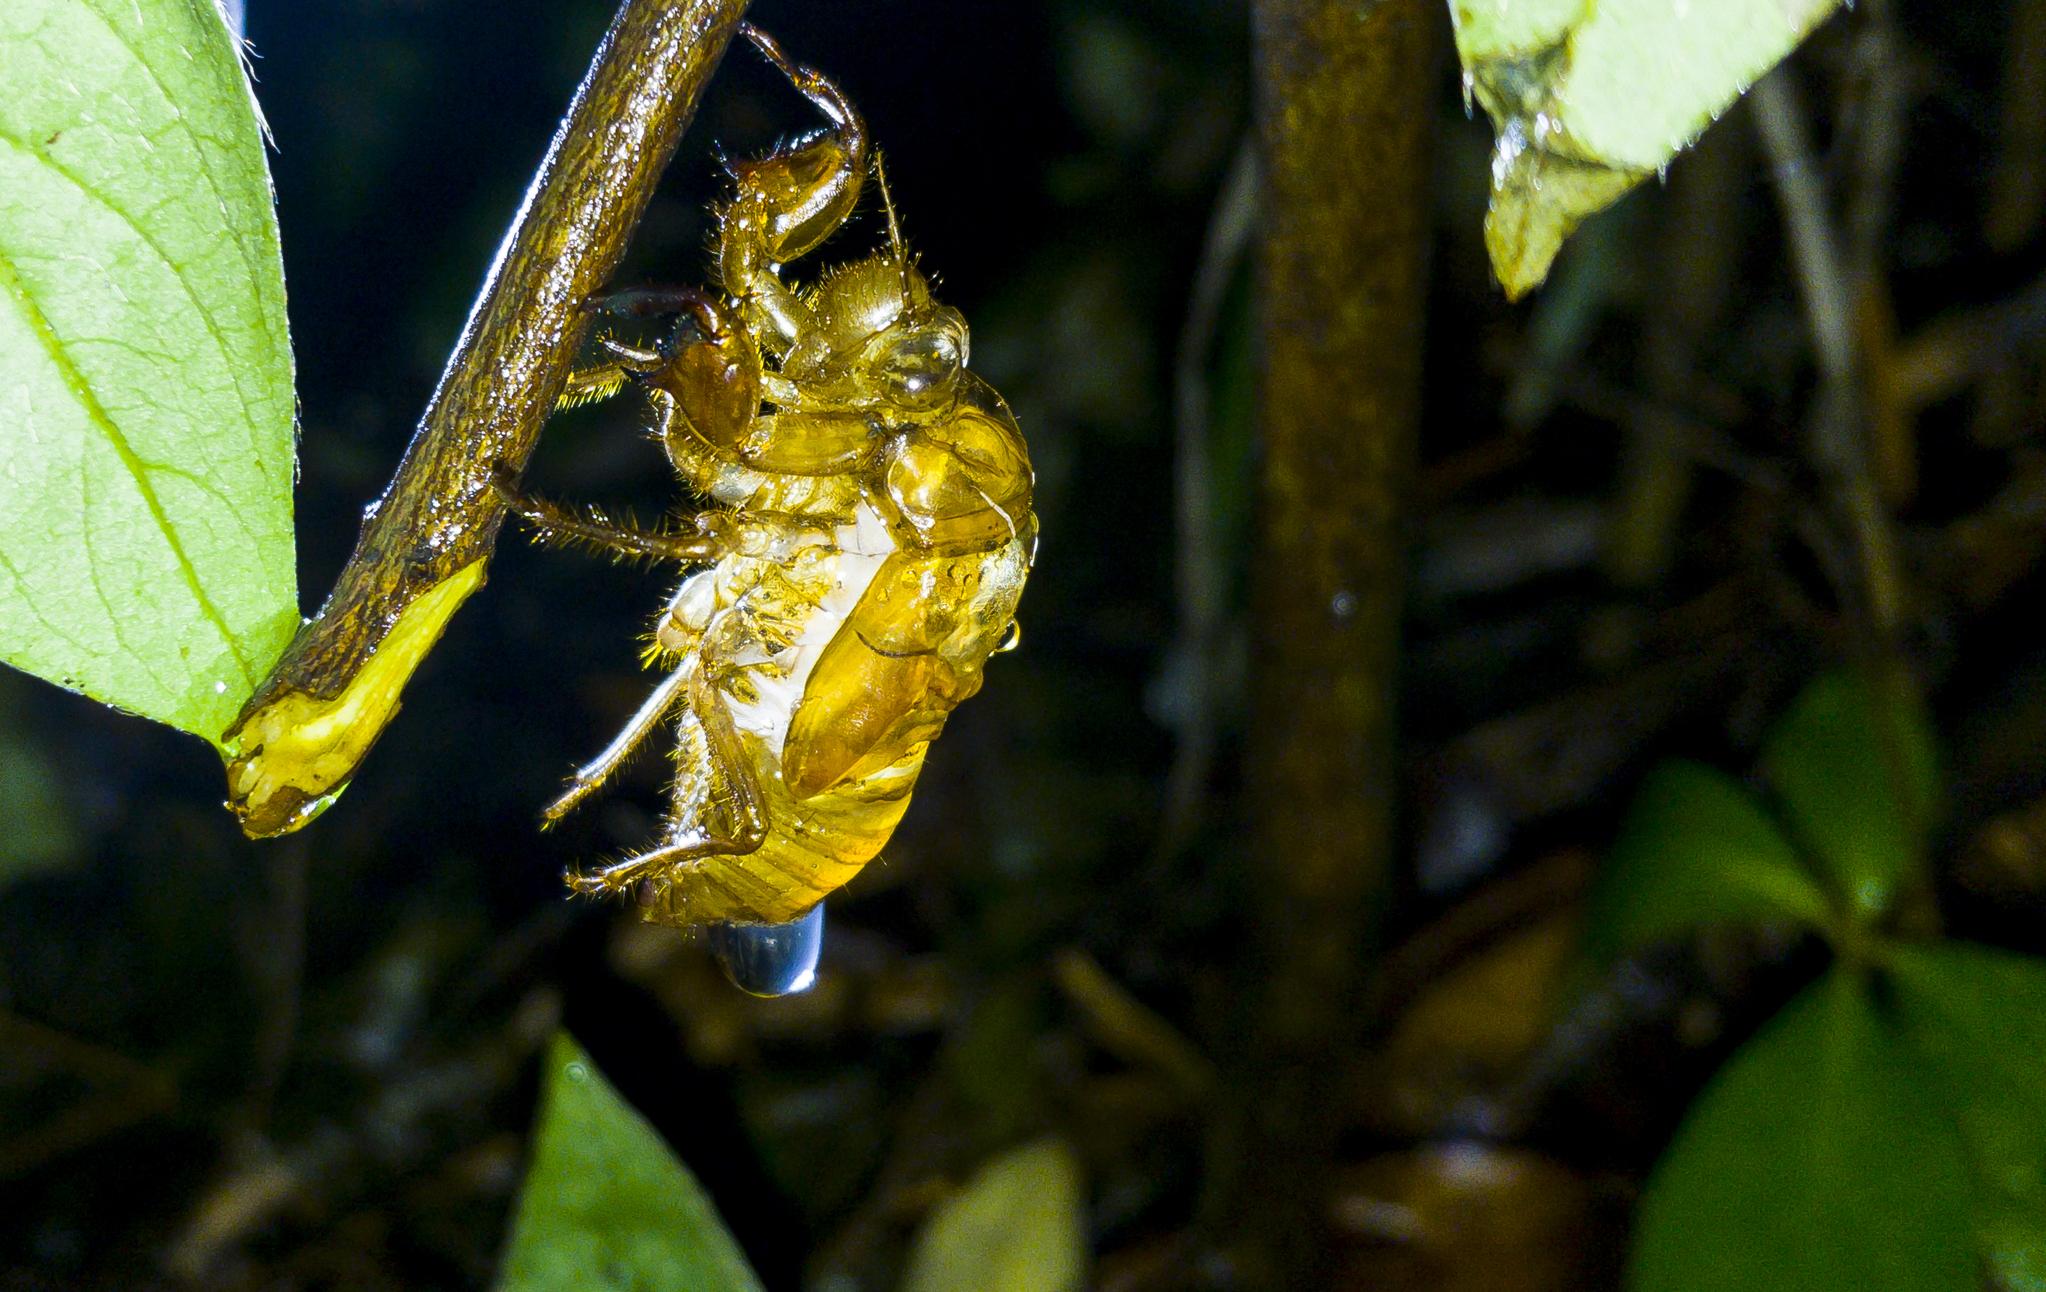 비에 적은 애벌레 껍질